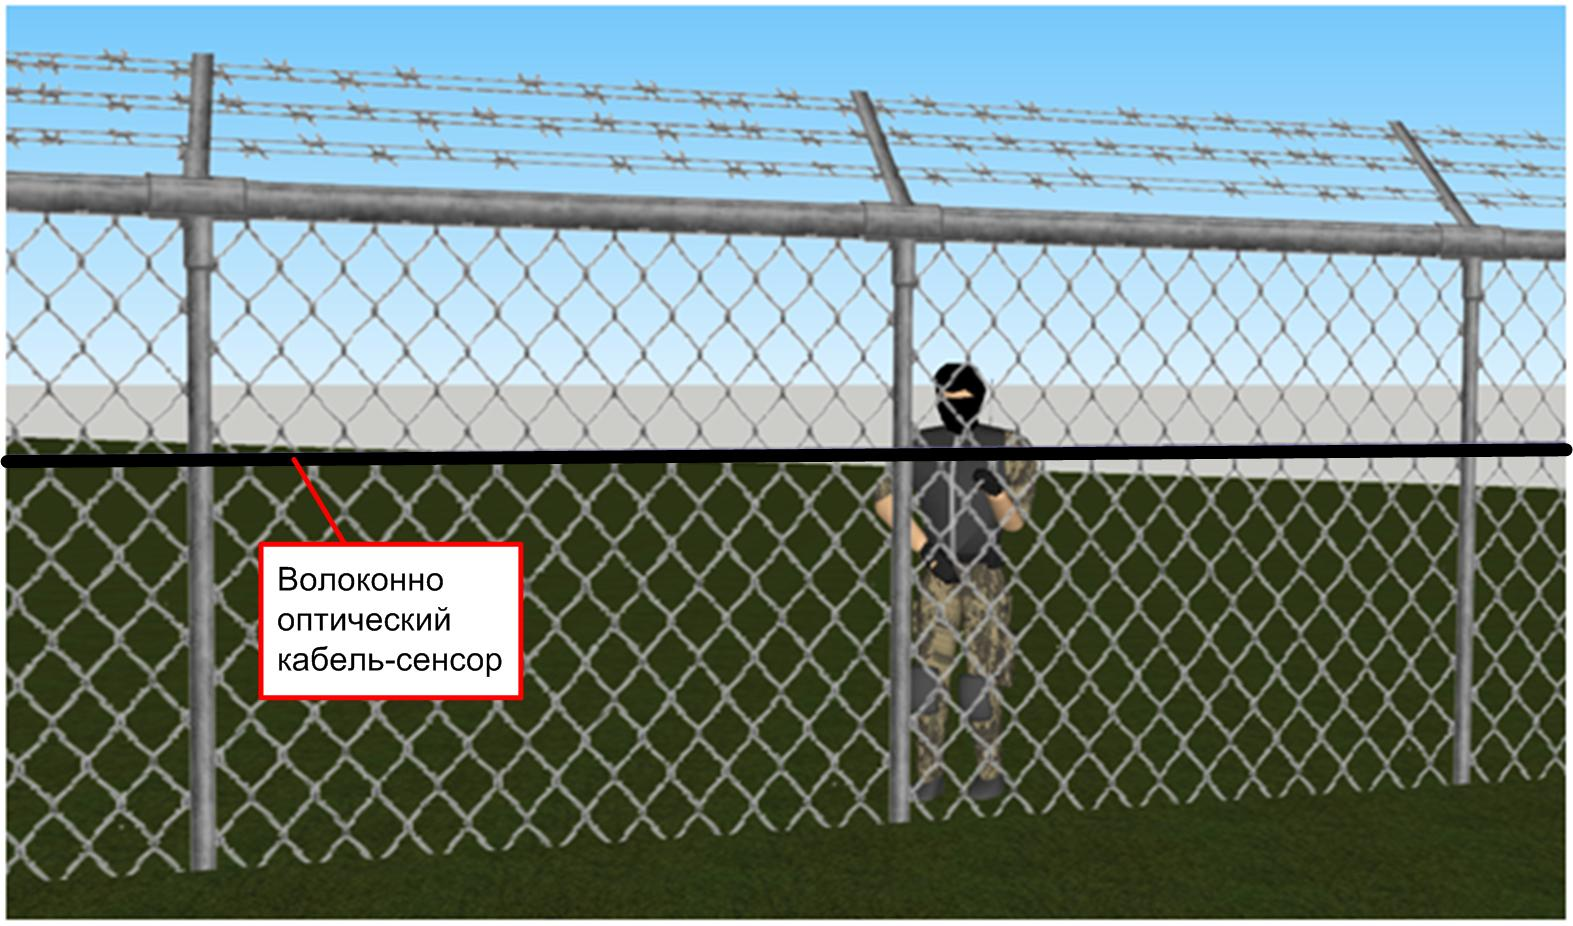 Монтаж волоконно оптического сенора системы охраны периметра СВМ-1 на легкое ограждение